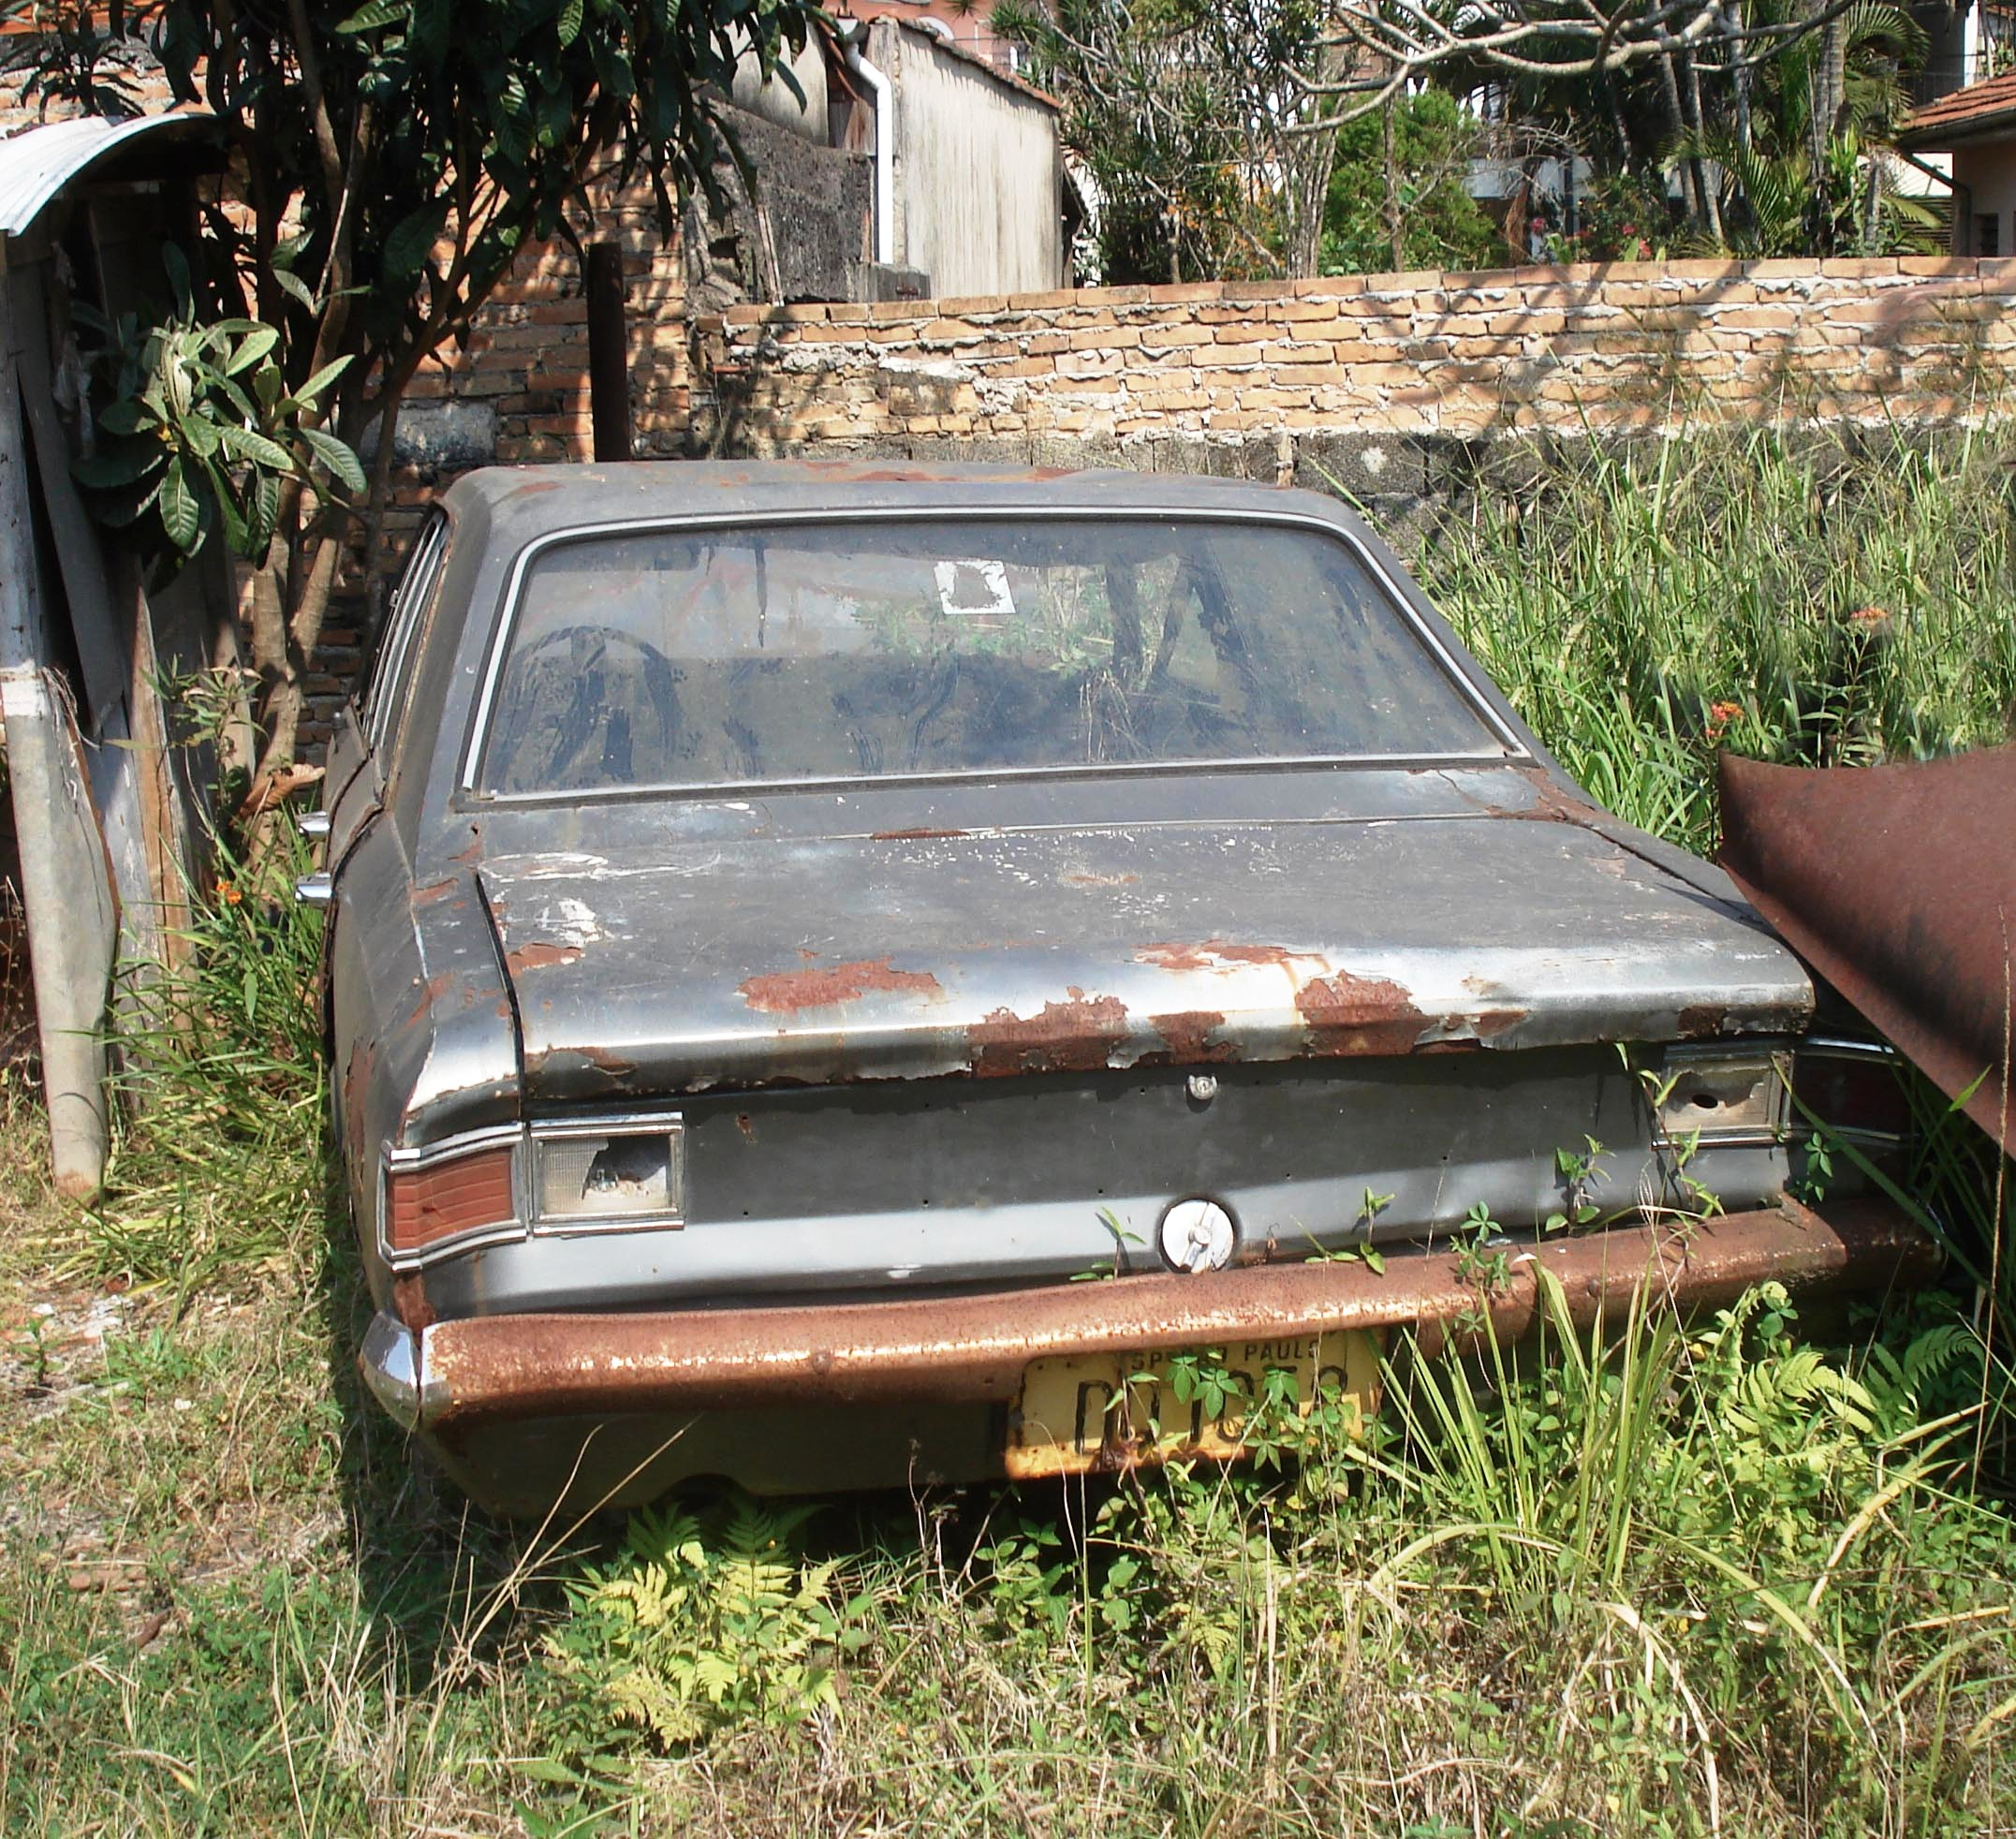 d6ba9fb01d1 Arquivo para Opala abandonado - Página 3 de 5 - Carros Inúteis